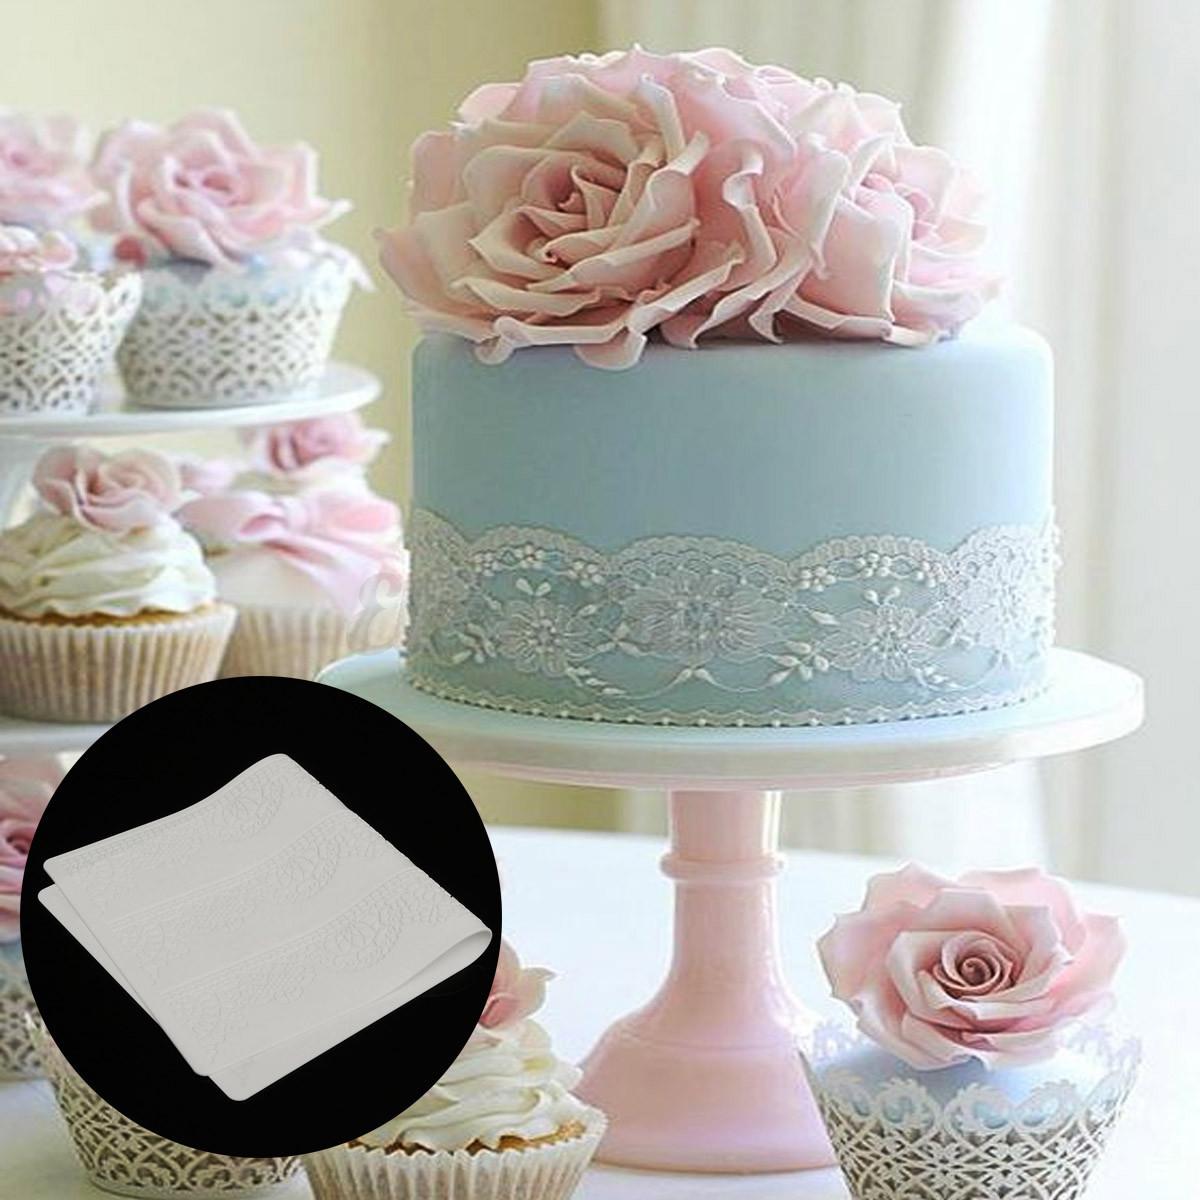 Silicone Flower Lace Wedding Fondant Mould Baking Cake